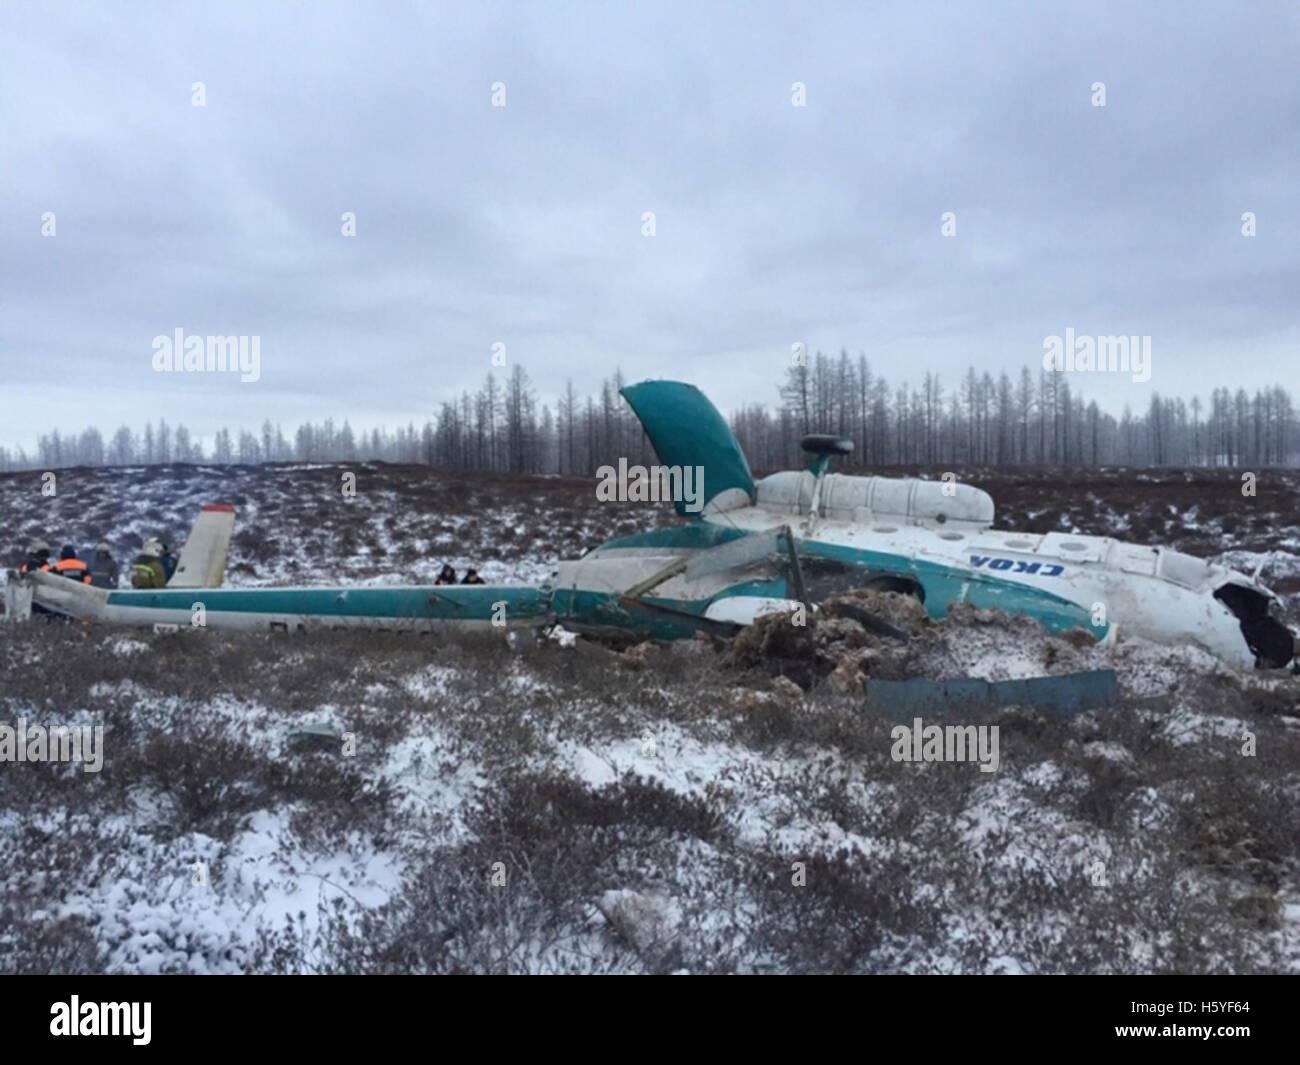 Jamalo-Nenets autonome Gebiet, Russland. 22. Oktober 2016. Ein Blick auf die Mil Mi-8 Hubschrauber Absturzstelle. Stockbild